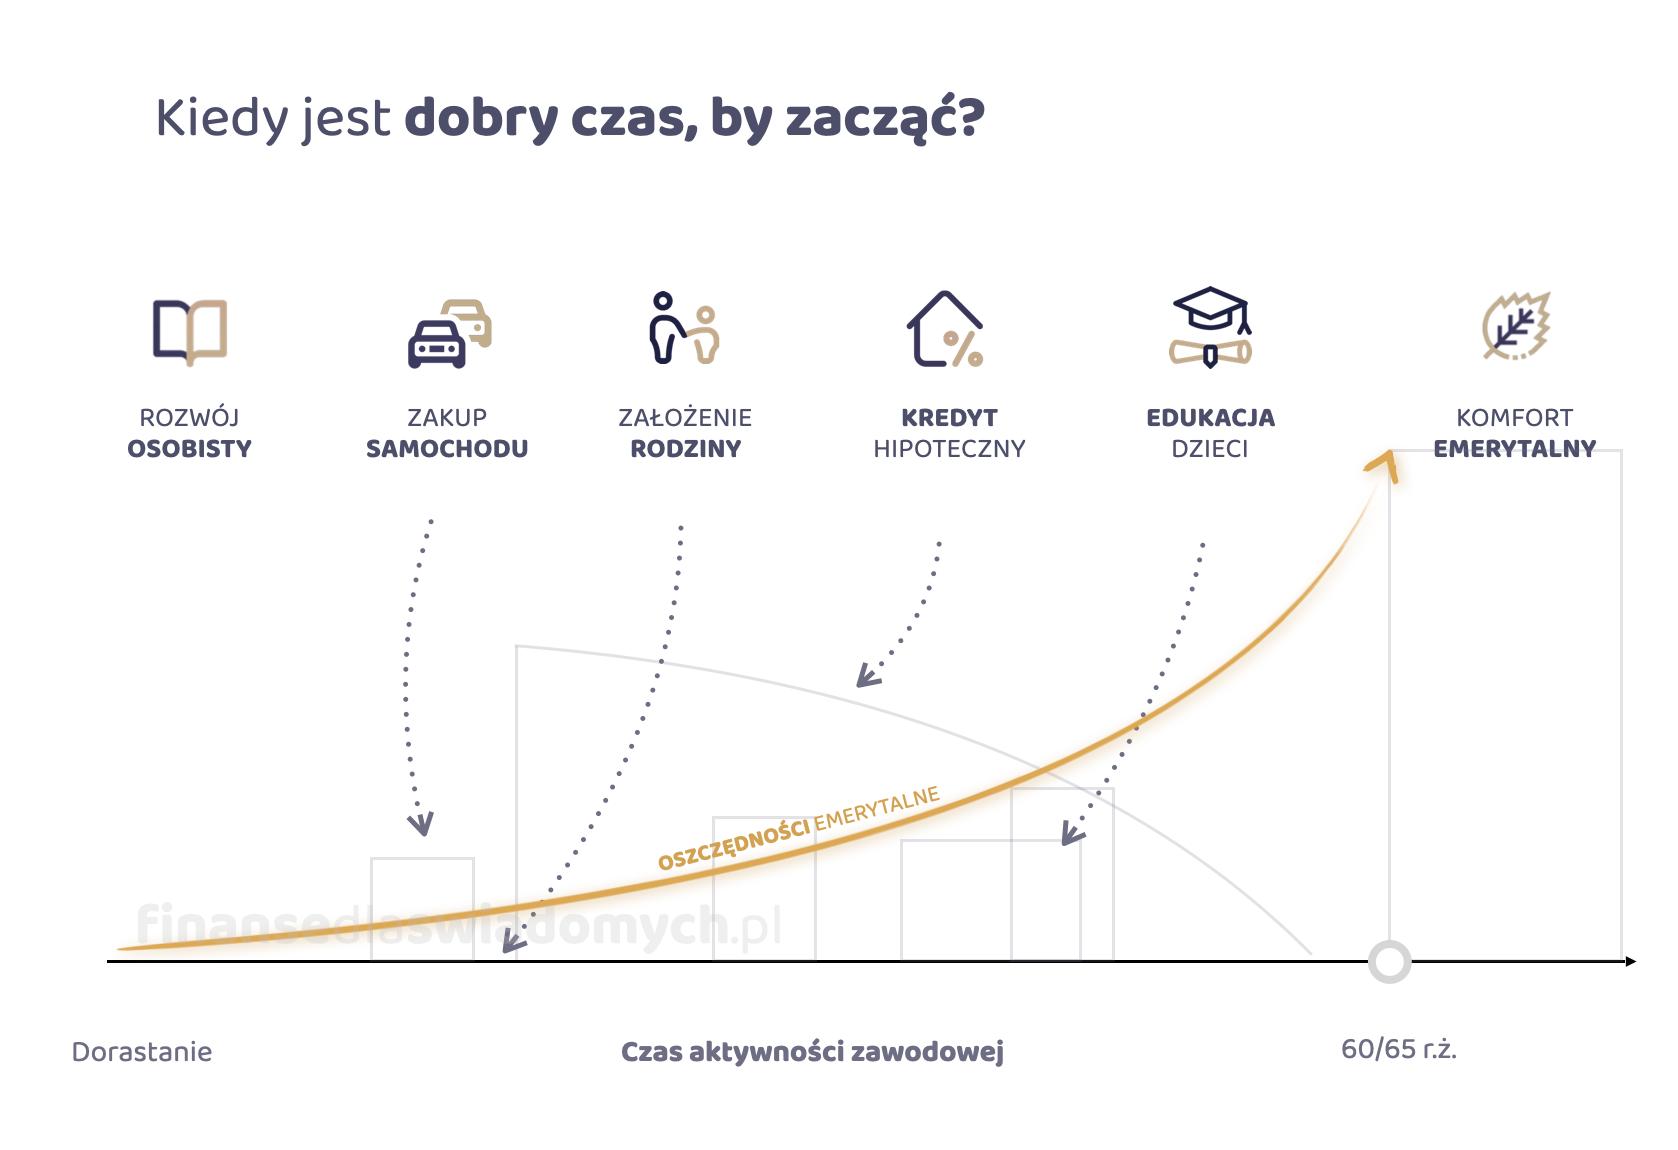 Kiedy warto zacząć gromadzić oszczędności emerytalne - Piotr Kruczek 2021